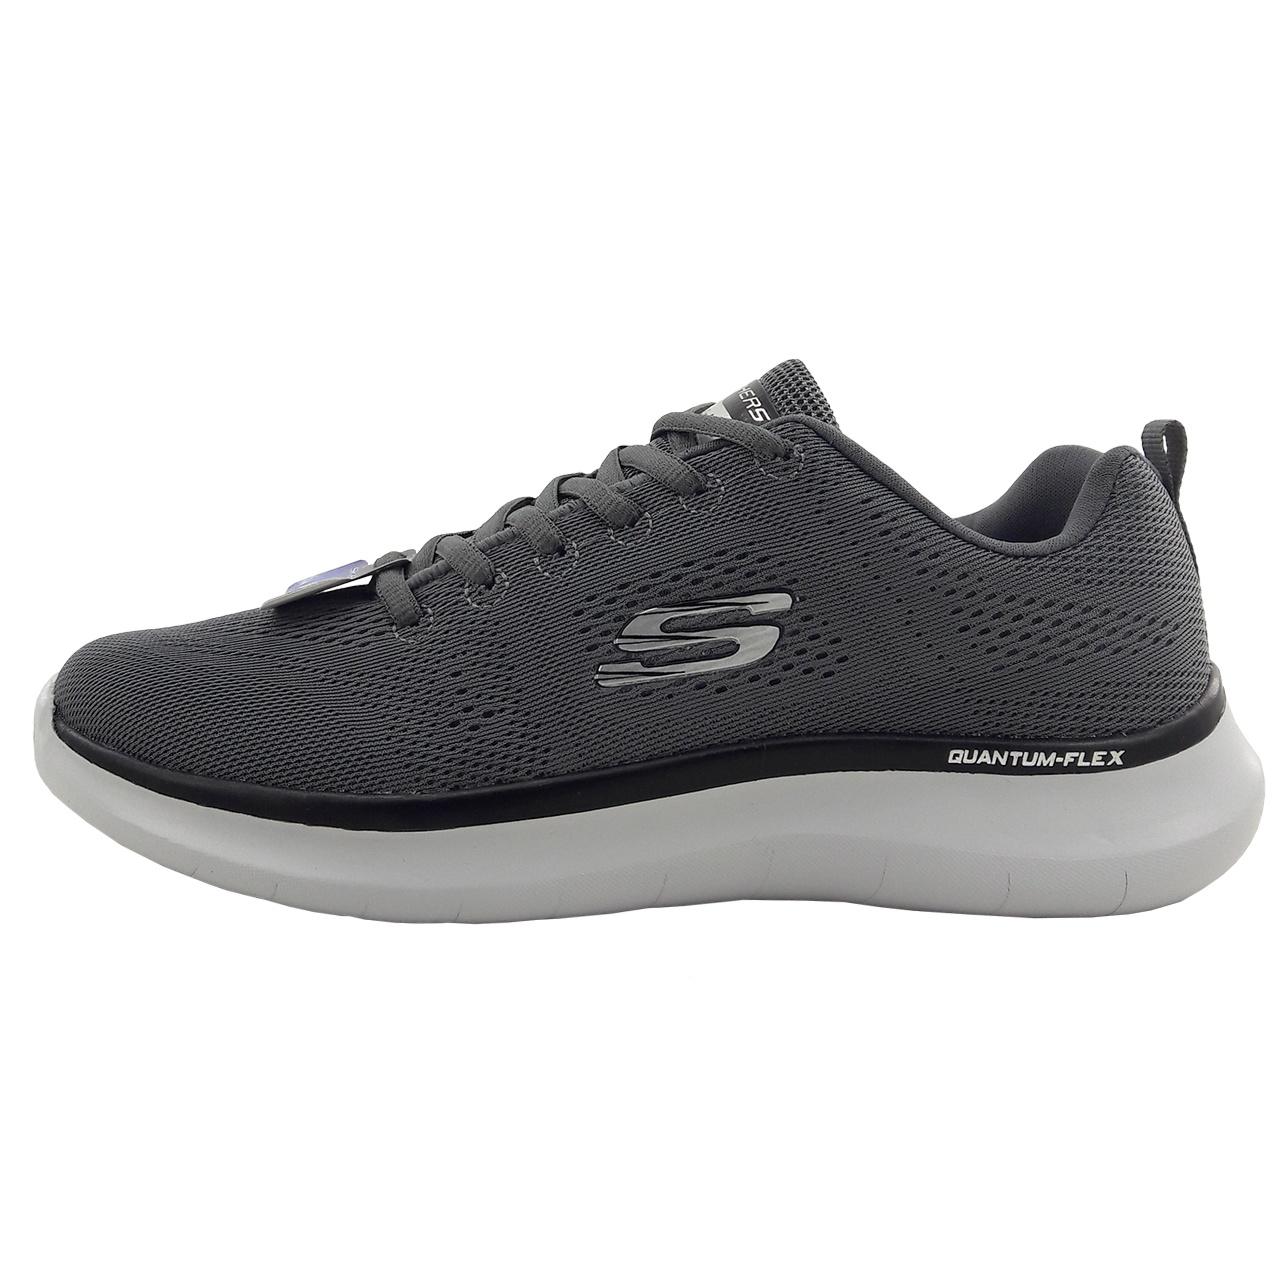 فروش کفش مخصوص پیاده روی مردانه اسکچرز مدل Relaxed fit quantom